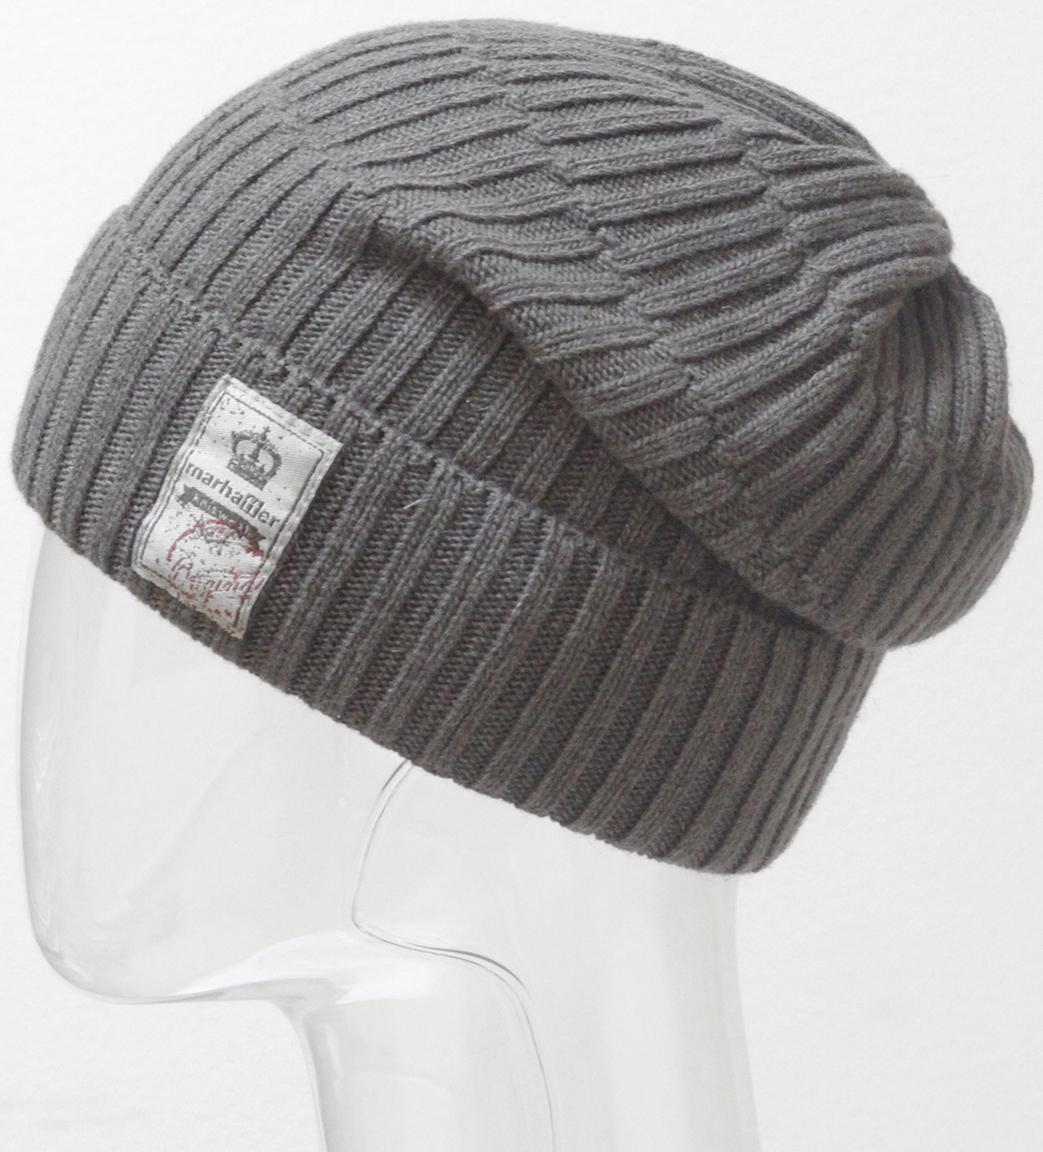 Шапка мужская Marhatter, цвет: темно-серый. MMH6711. Размер 57/59MMH6711Тонкая шапка из твидовой пряжи с добавлением шерсти мериноса. Модель дополнена стильным шевроном, который подчеркивает индивидуальность. Размер, доступный для заказа, является обхватом головы.